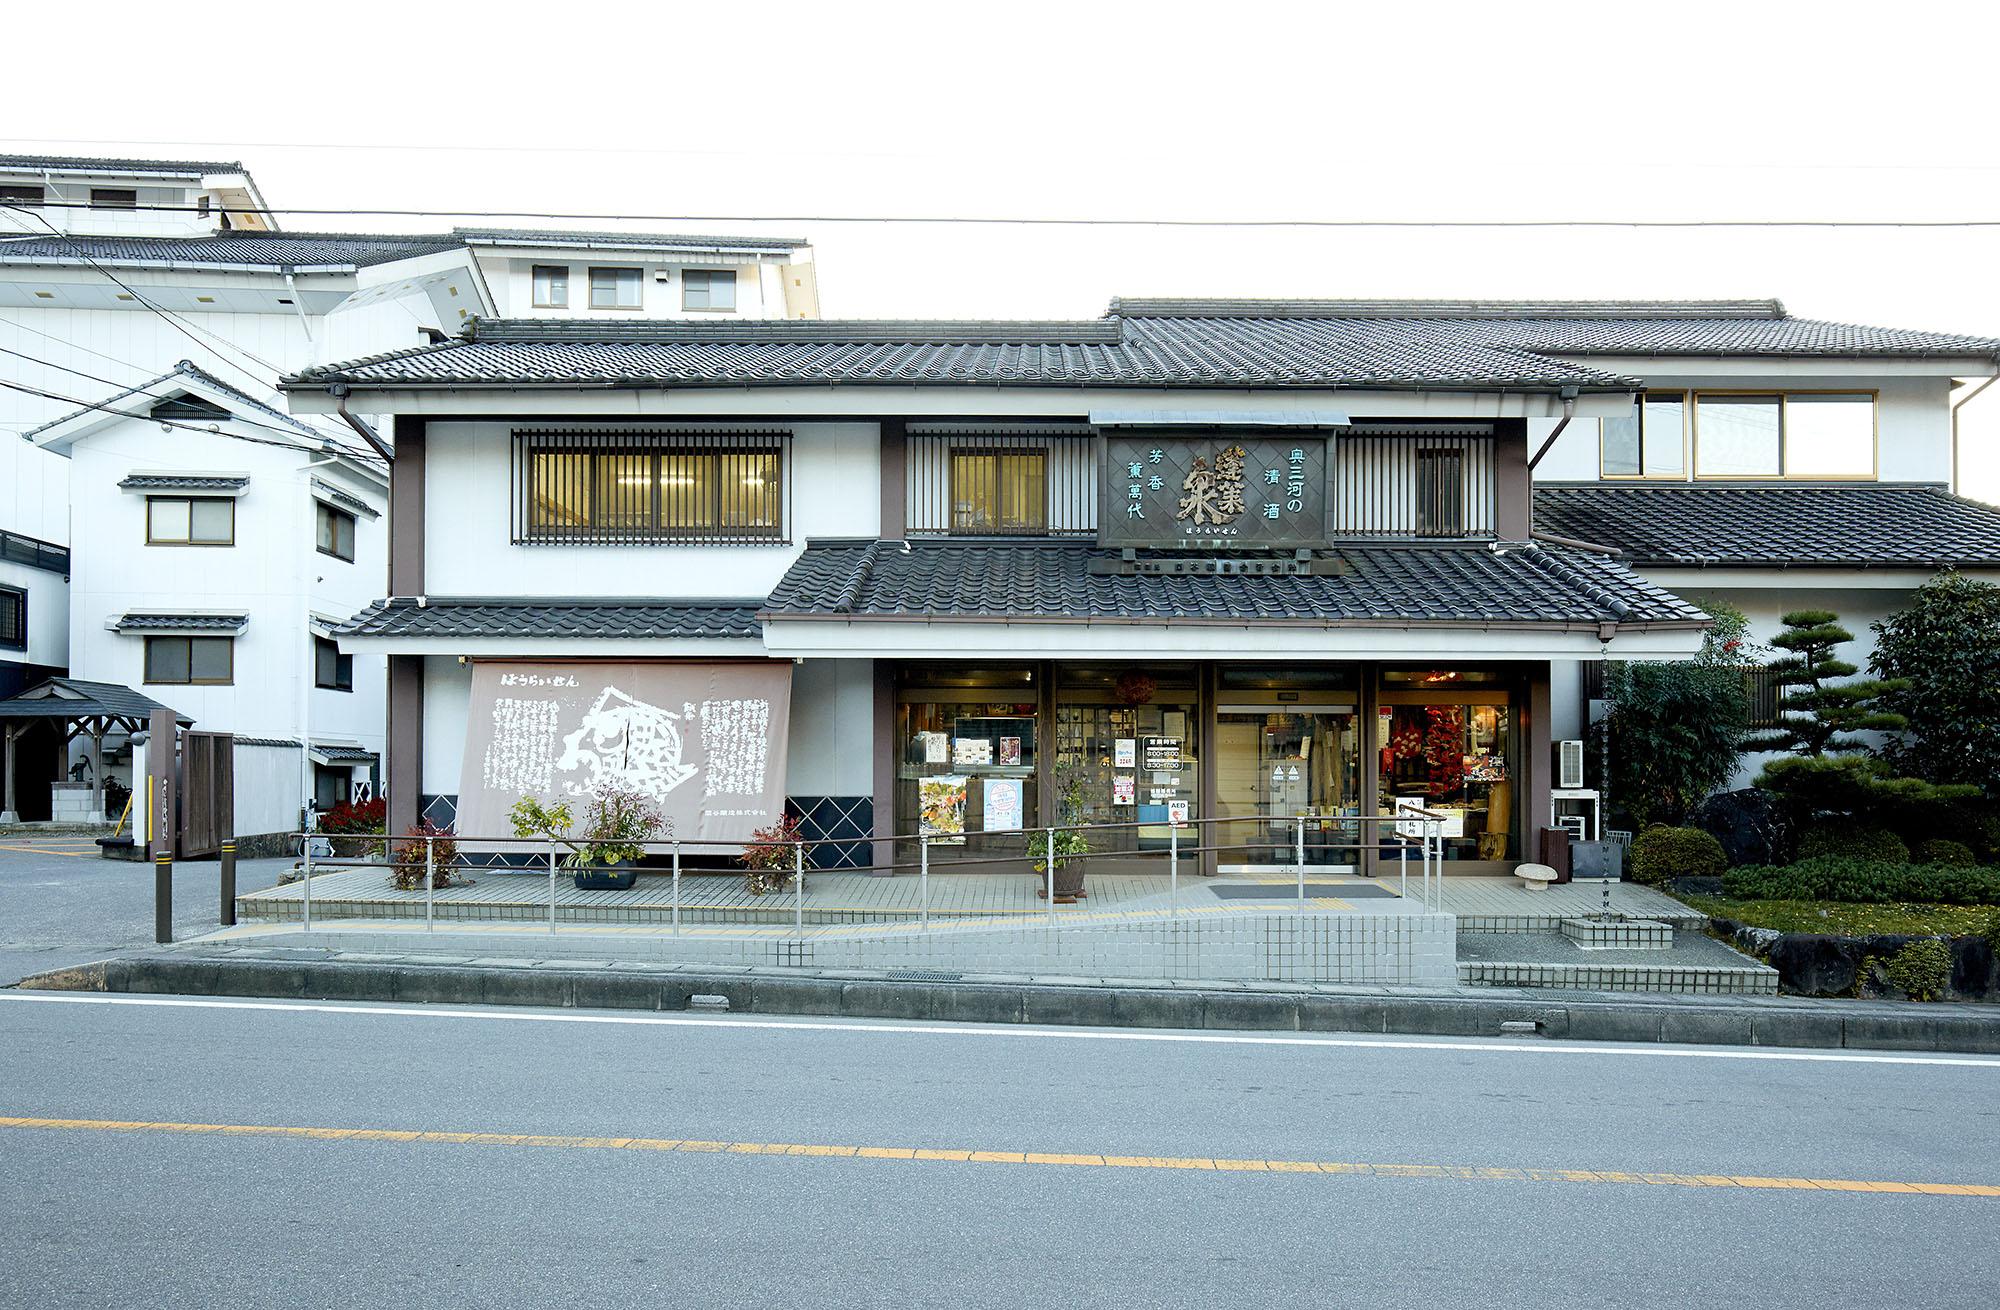 01_2-sekiya brewery_83A9756